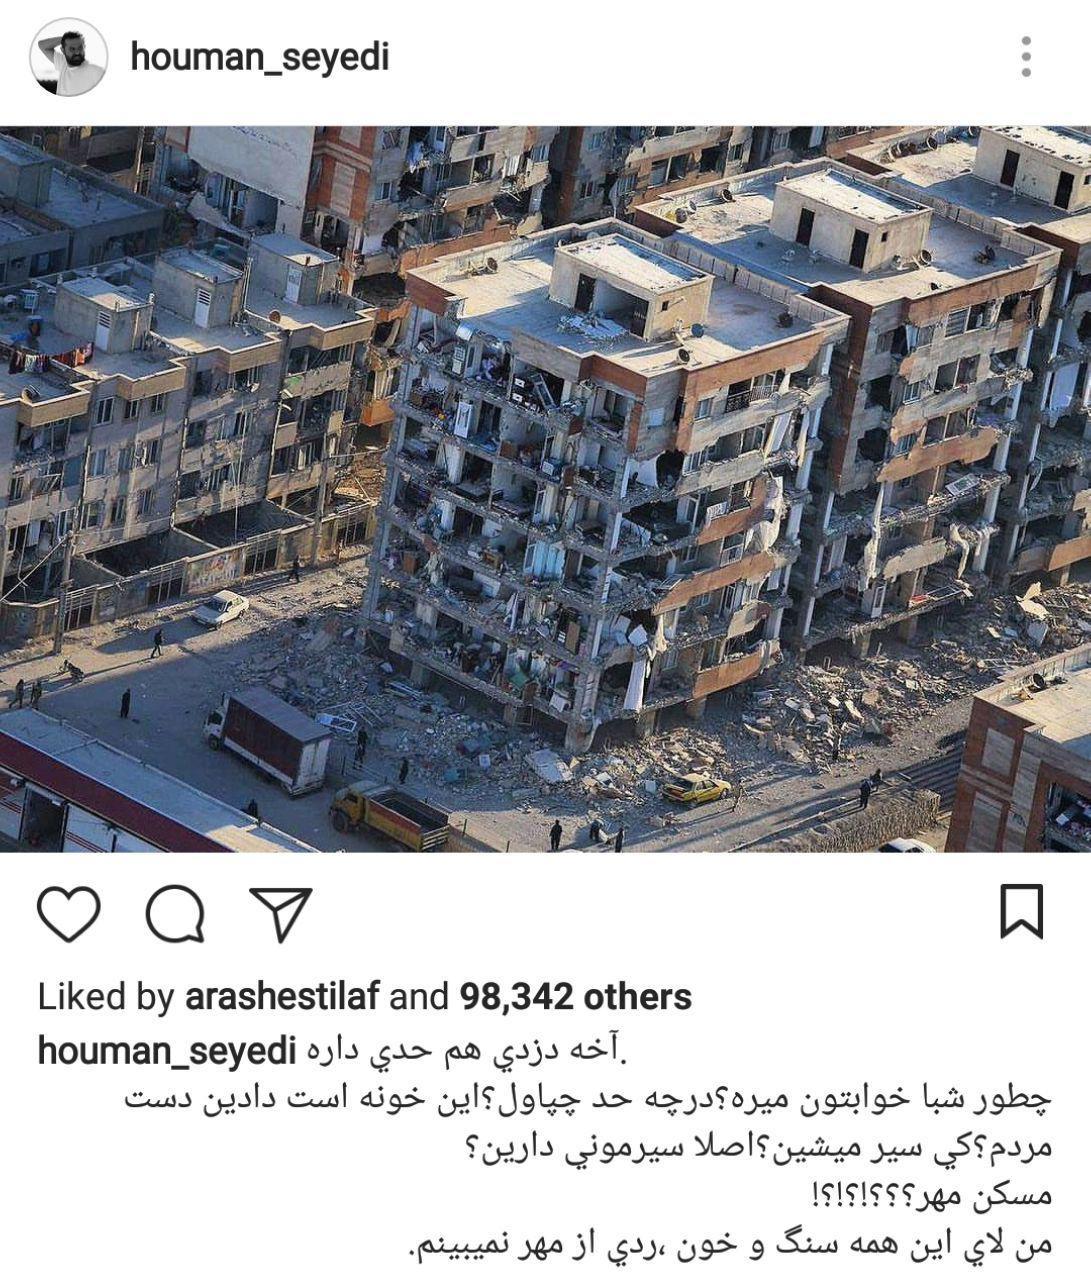 هومن سیدی اینستاگرام زلزله کرمانشاه